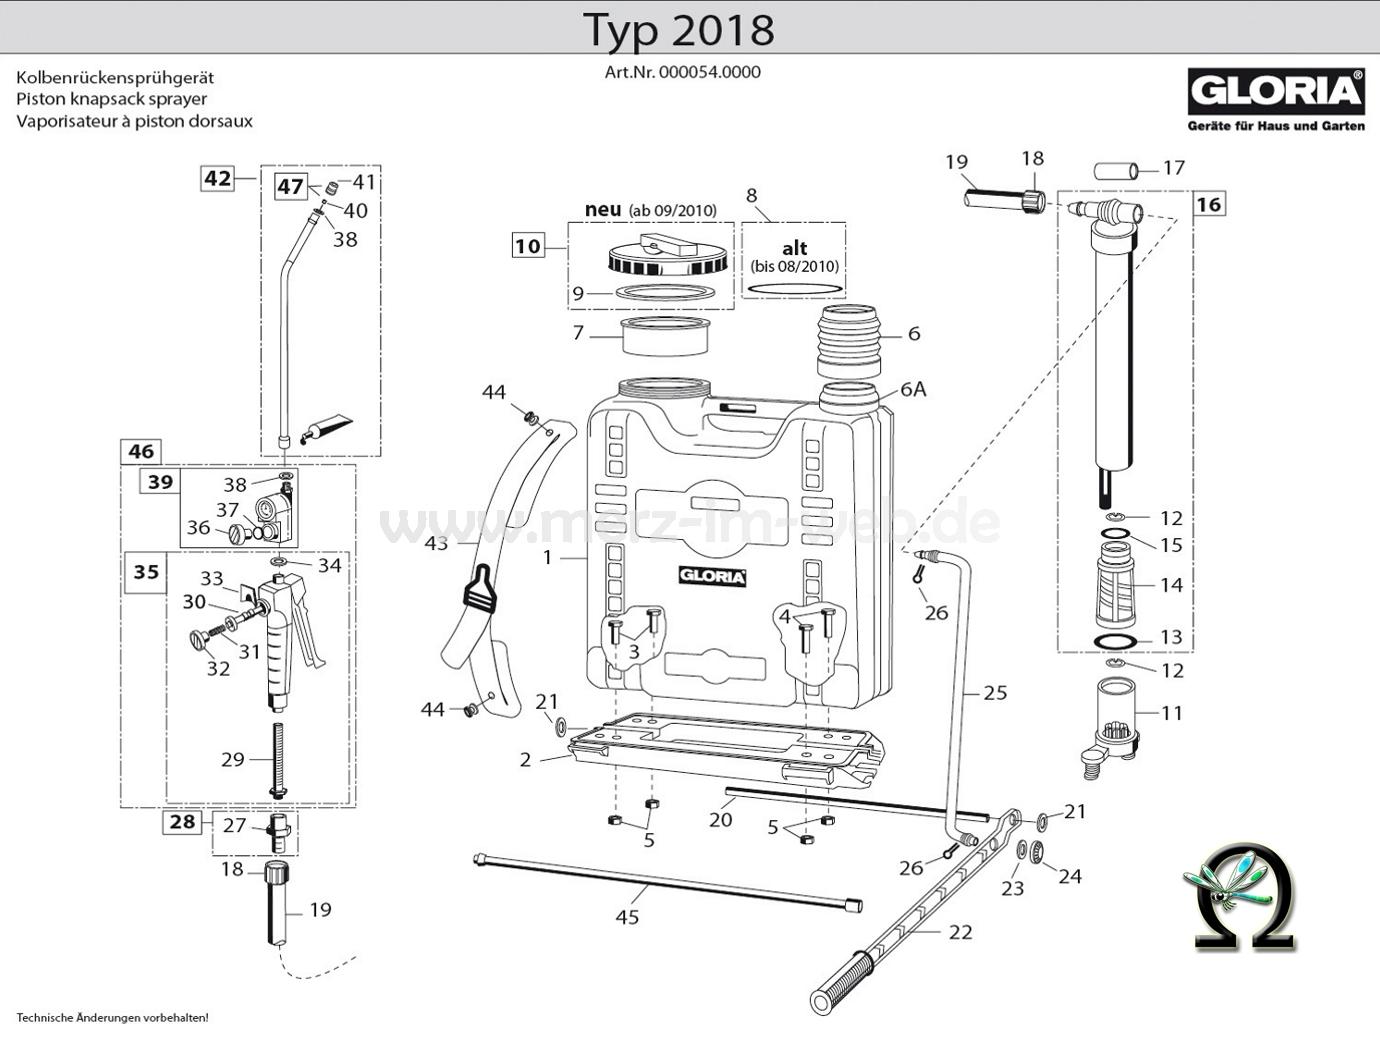 Die Ersatzteilzeichnung mit der Teileliste für das Kolbenrückensprühgerät Gloria 2018 zum herunterladen und ausdrucken.